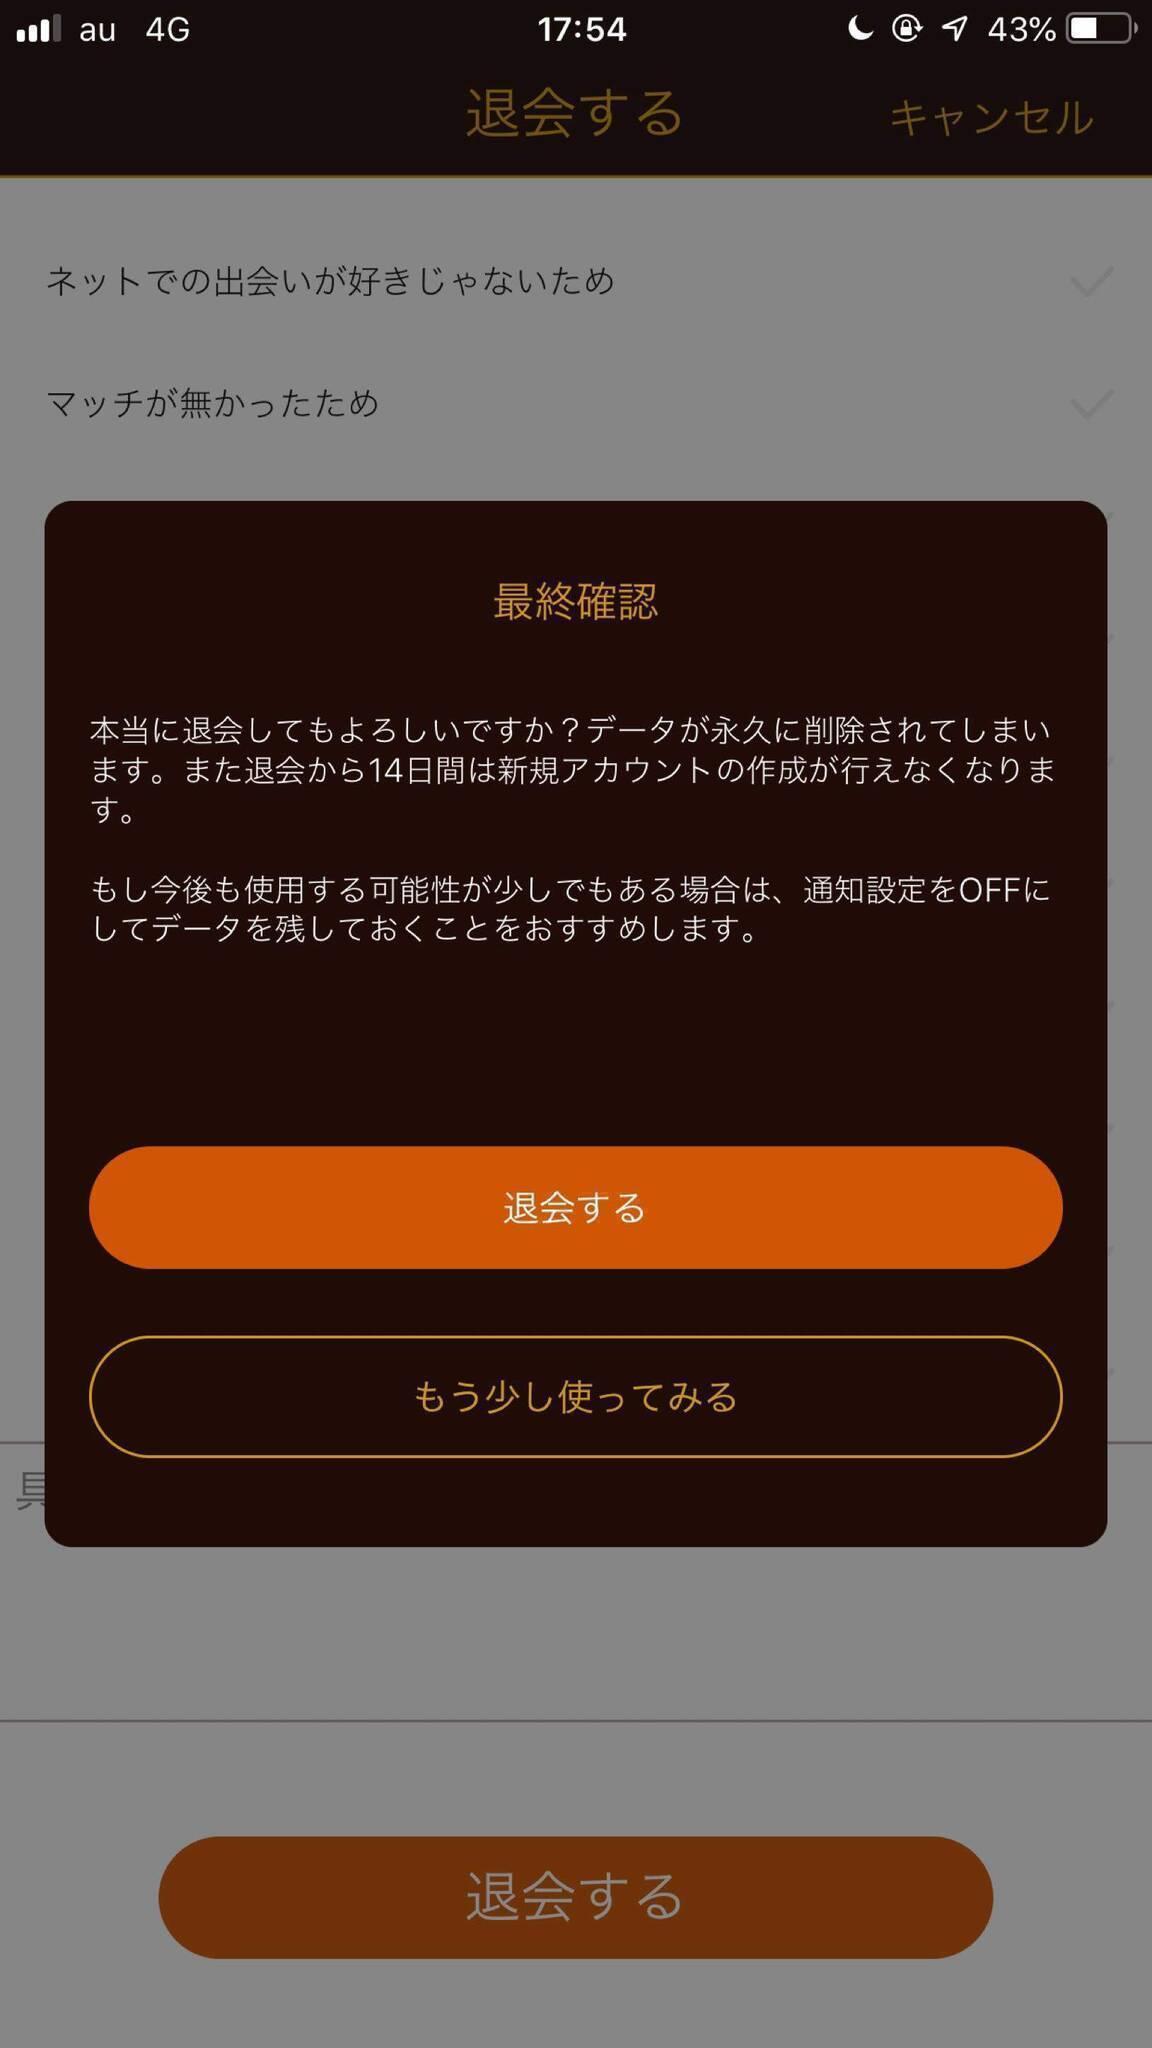 dine(ダイン) 5.最終確認画面で、「退会する」ボタンを押して完了